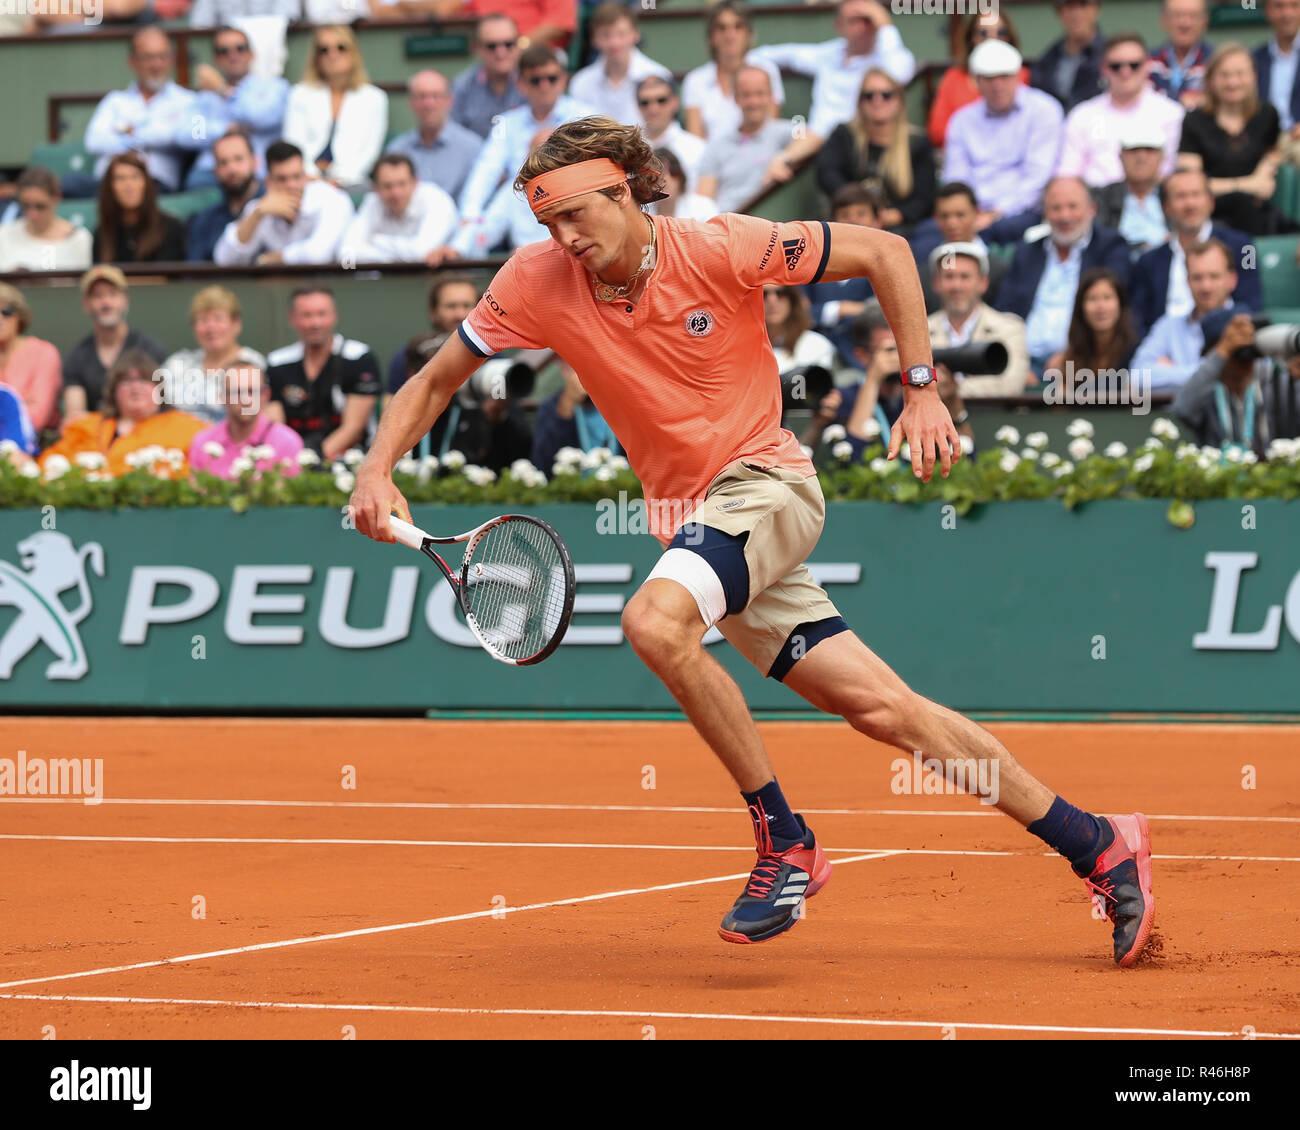 Tenista alemán Alexander Zverev girando hacia adelante durante el torneo de tenis Abierto de Francia 2018, París, Francia Foto de stock